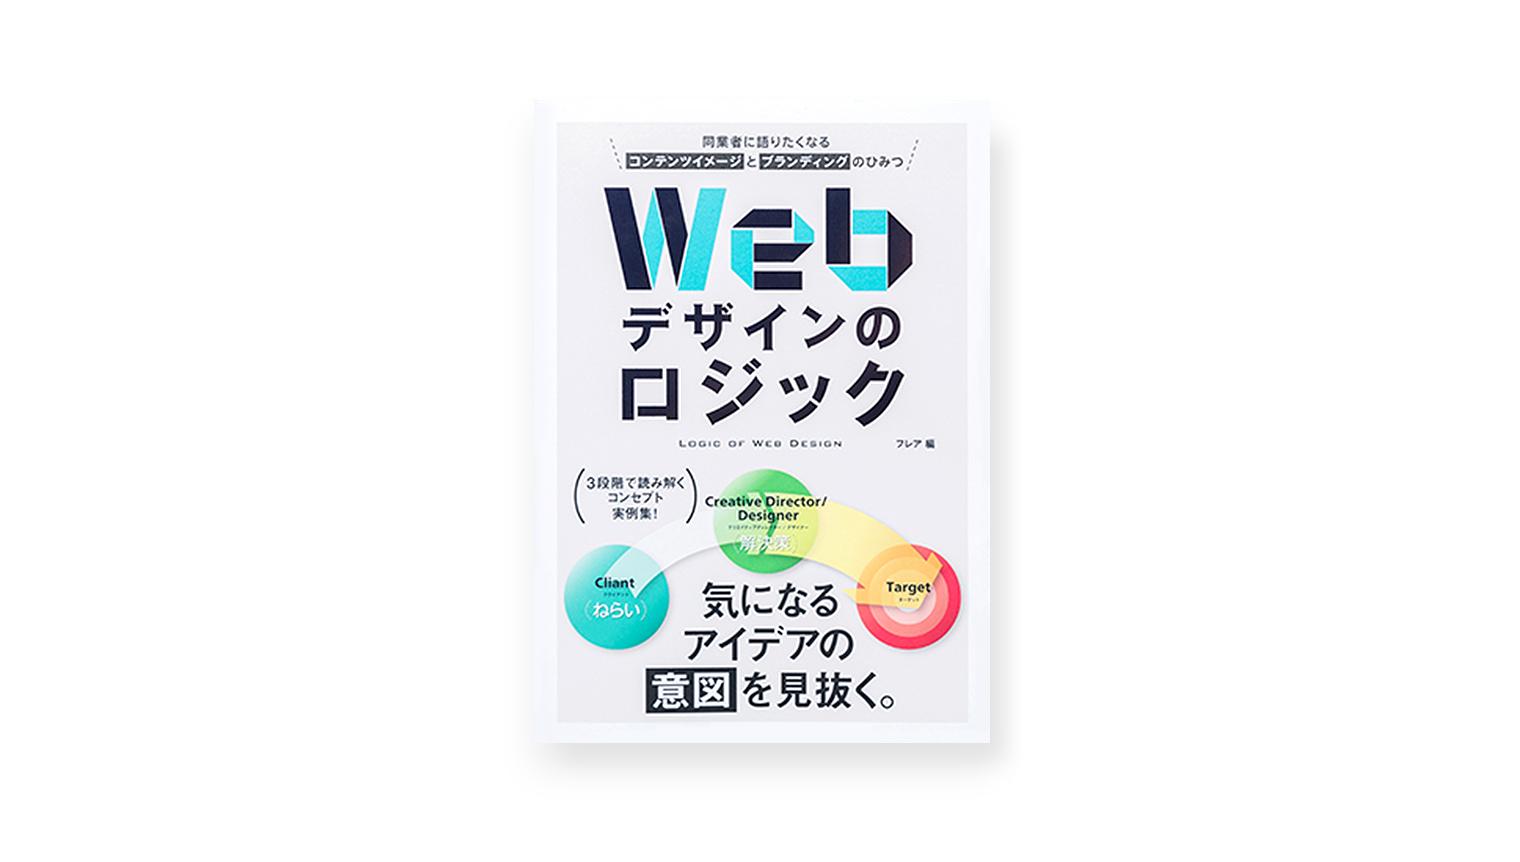 弊社制作の「2018年新卒採用サイト オノマトペ」が、書籍『Webデザインのロジック』に掲載されました。